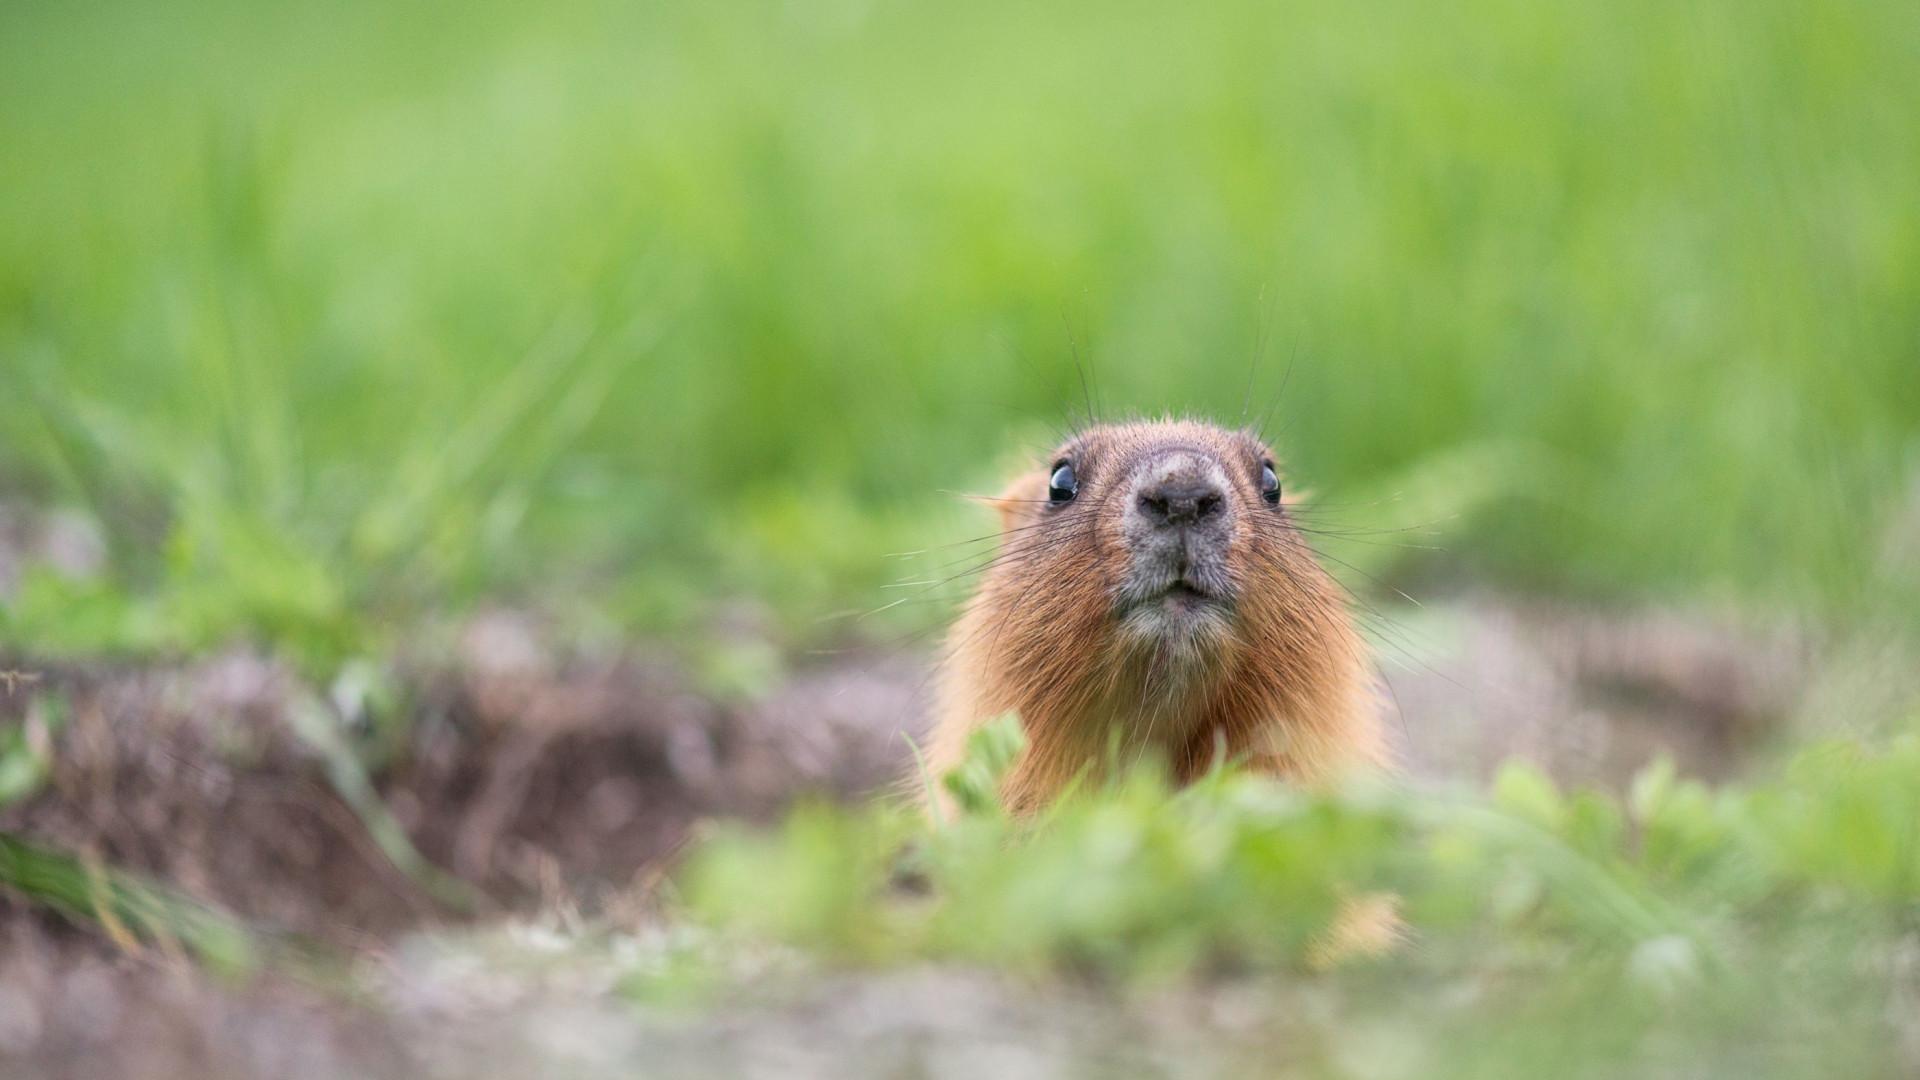 Em vez de recolher animal, agente nos EUA baleou marmota em estrada